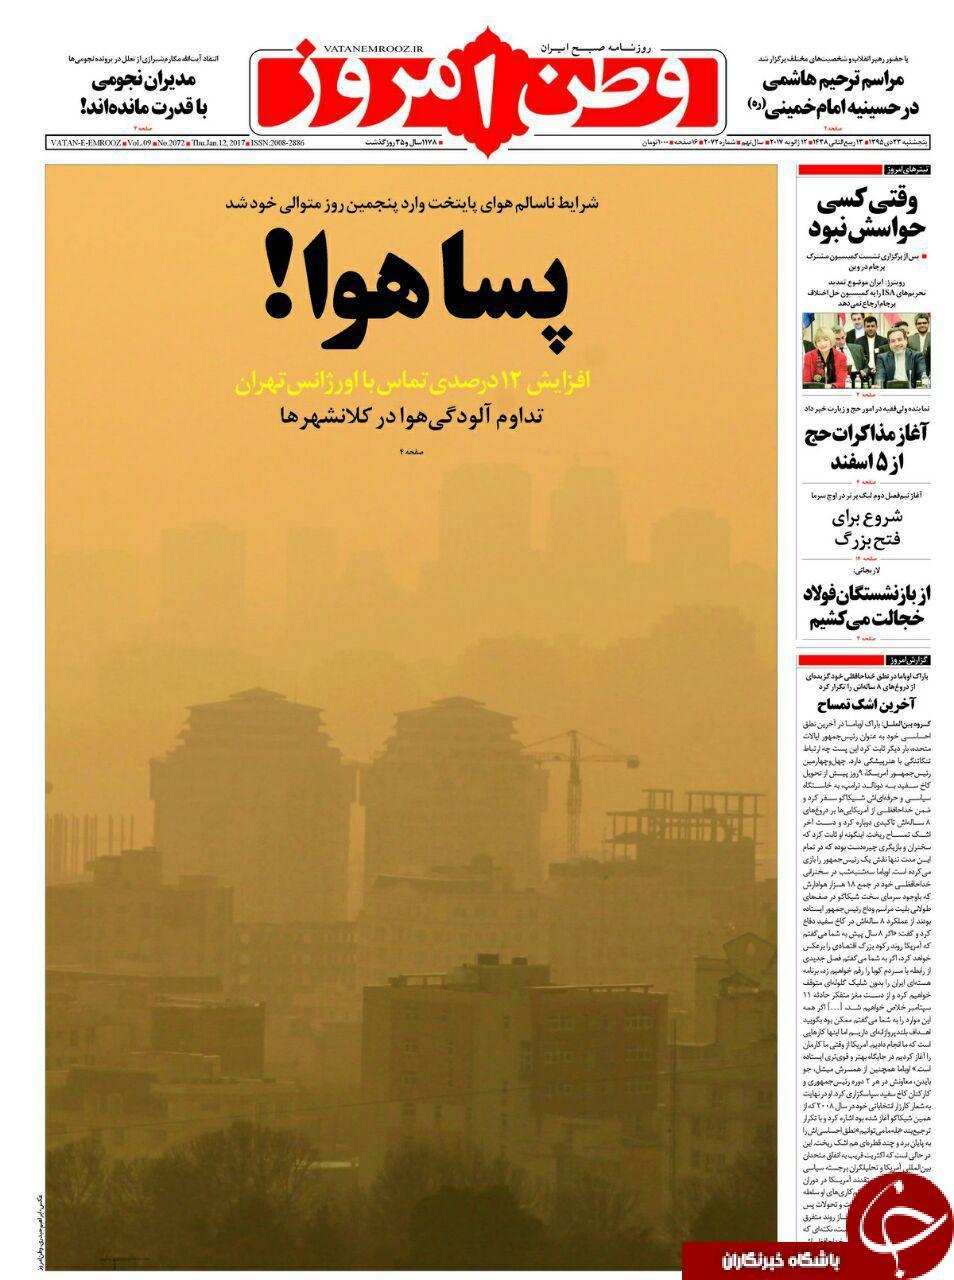 از شایعات درباره تابوت آیتالله هاشمی تا دستگیری یکی از سرشبکههای منافقین در اصفهان